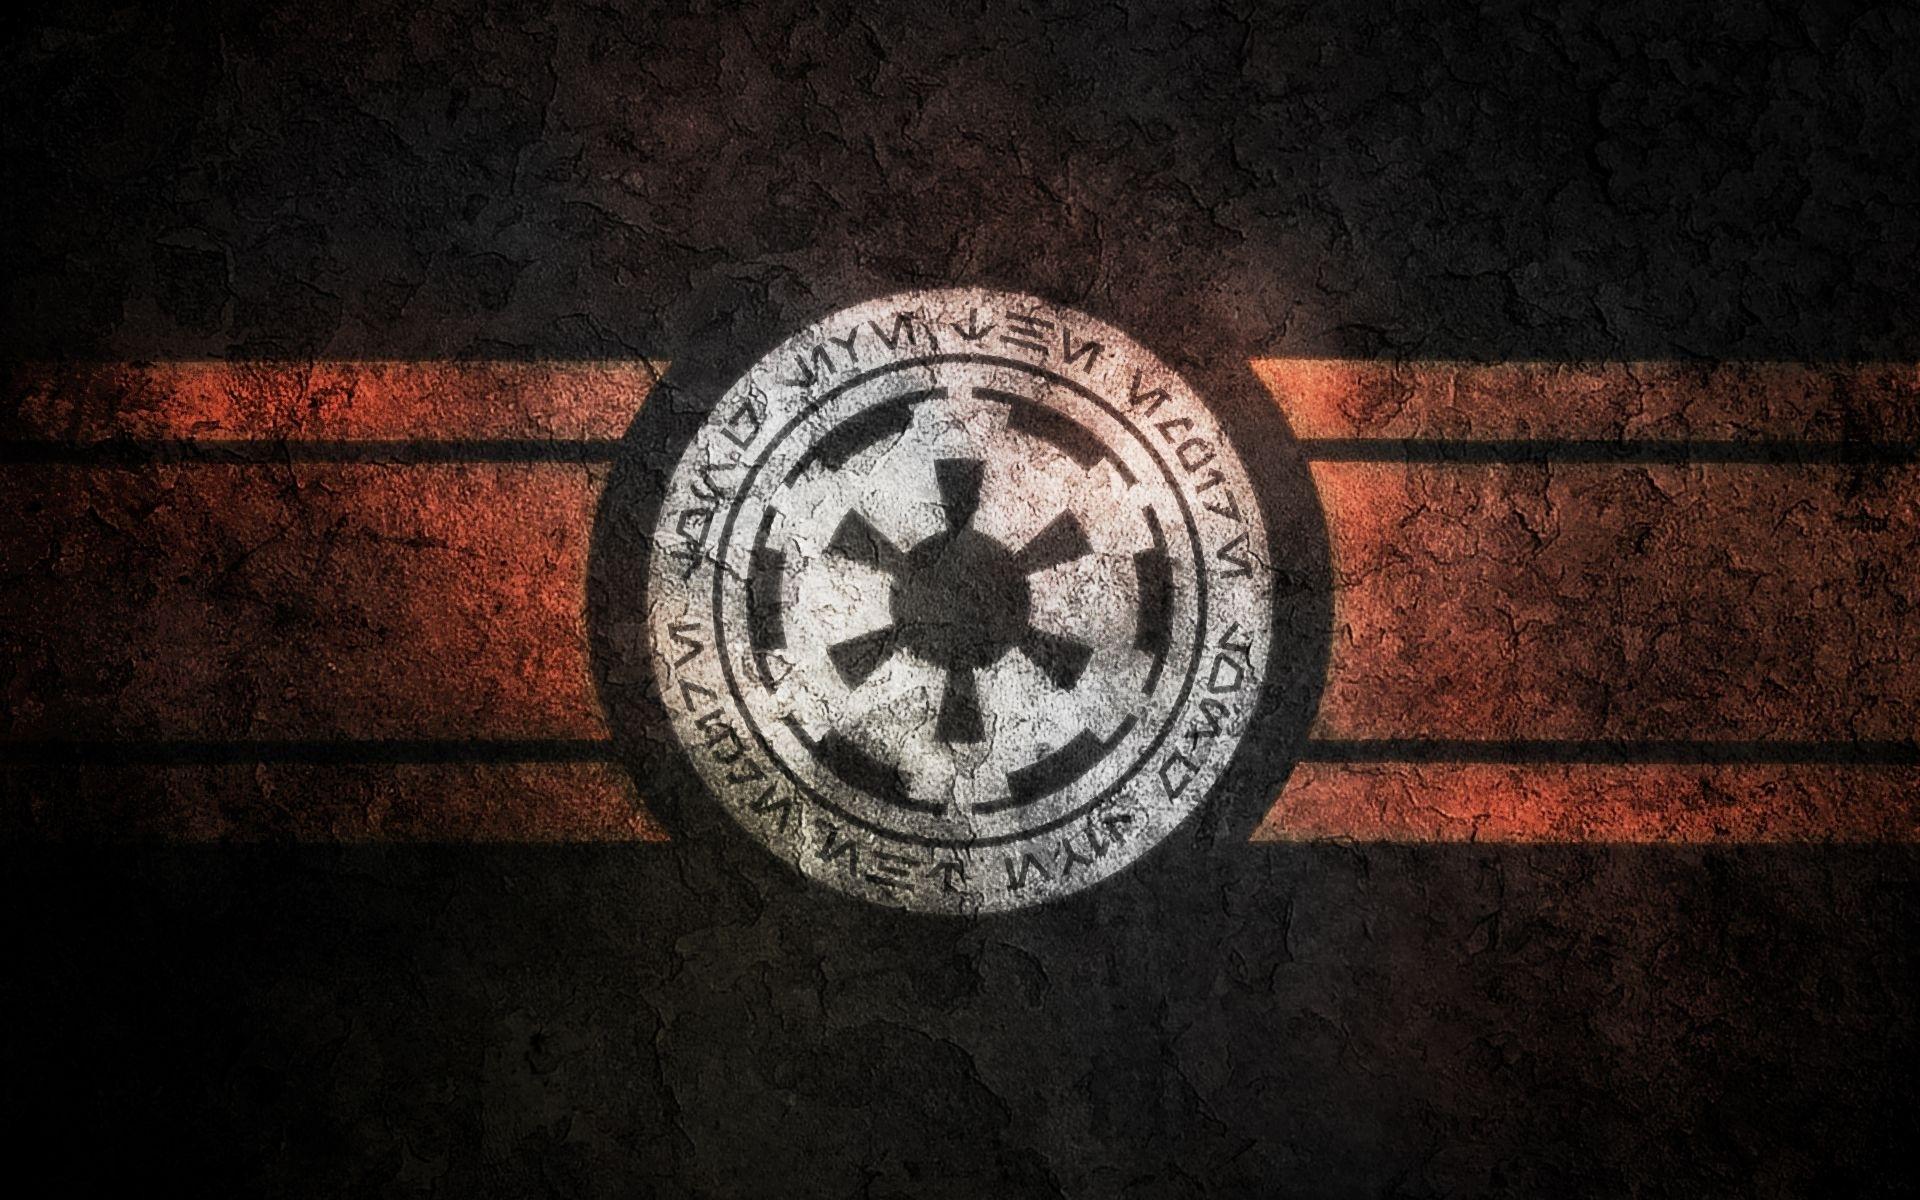 star wars full hd fond d'écran and arrière-plan | 1920x1200 | id:75475